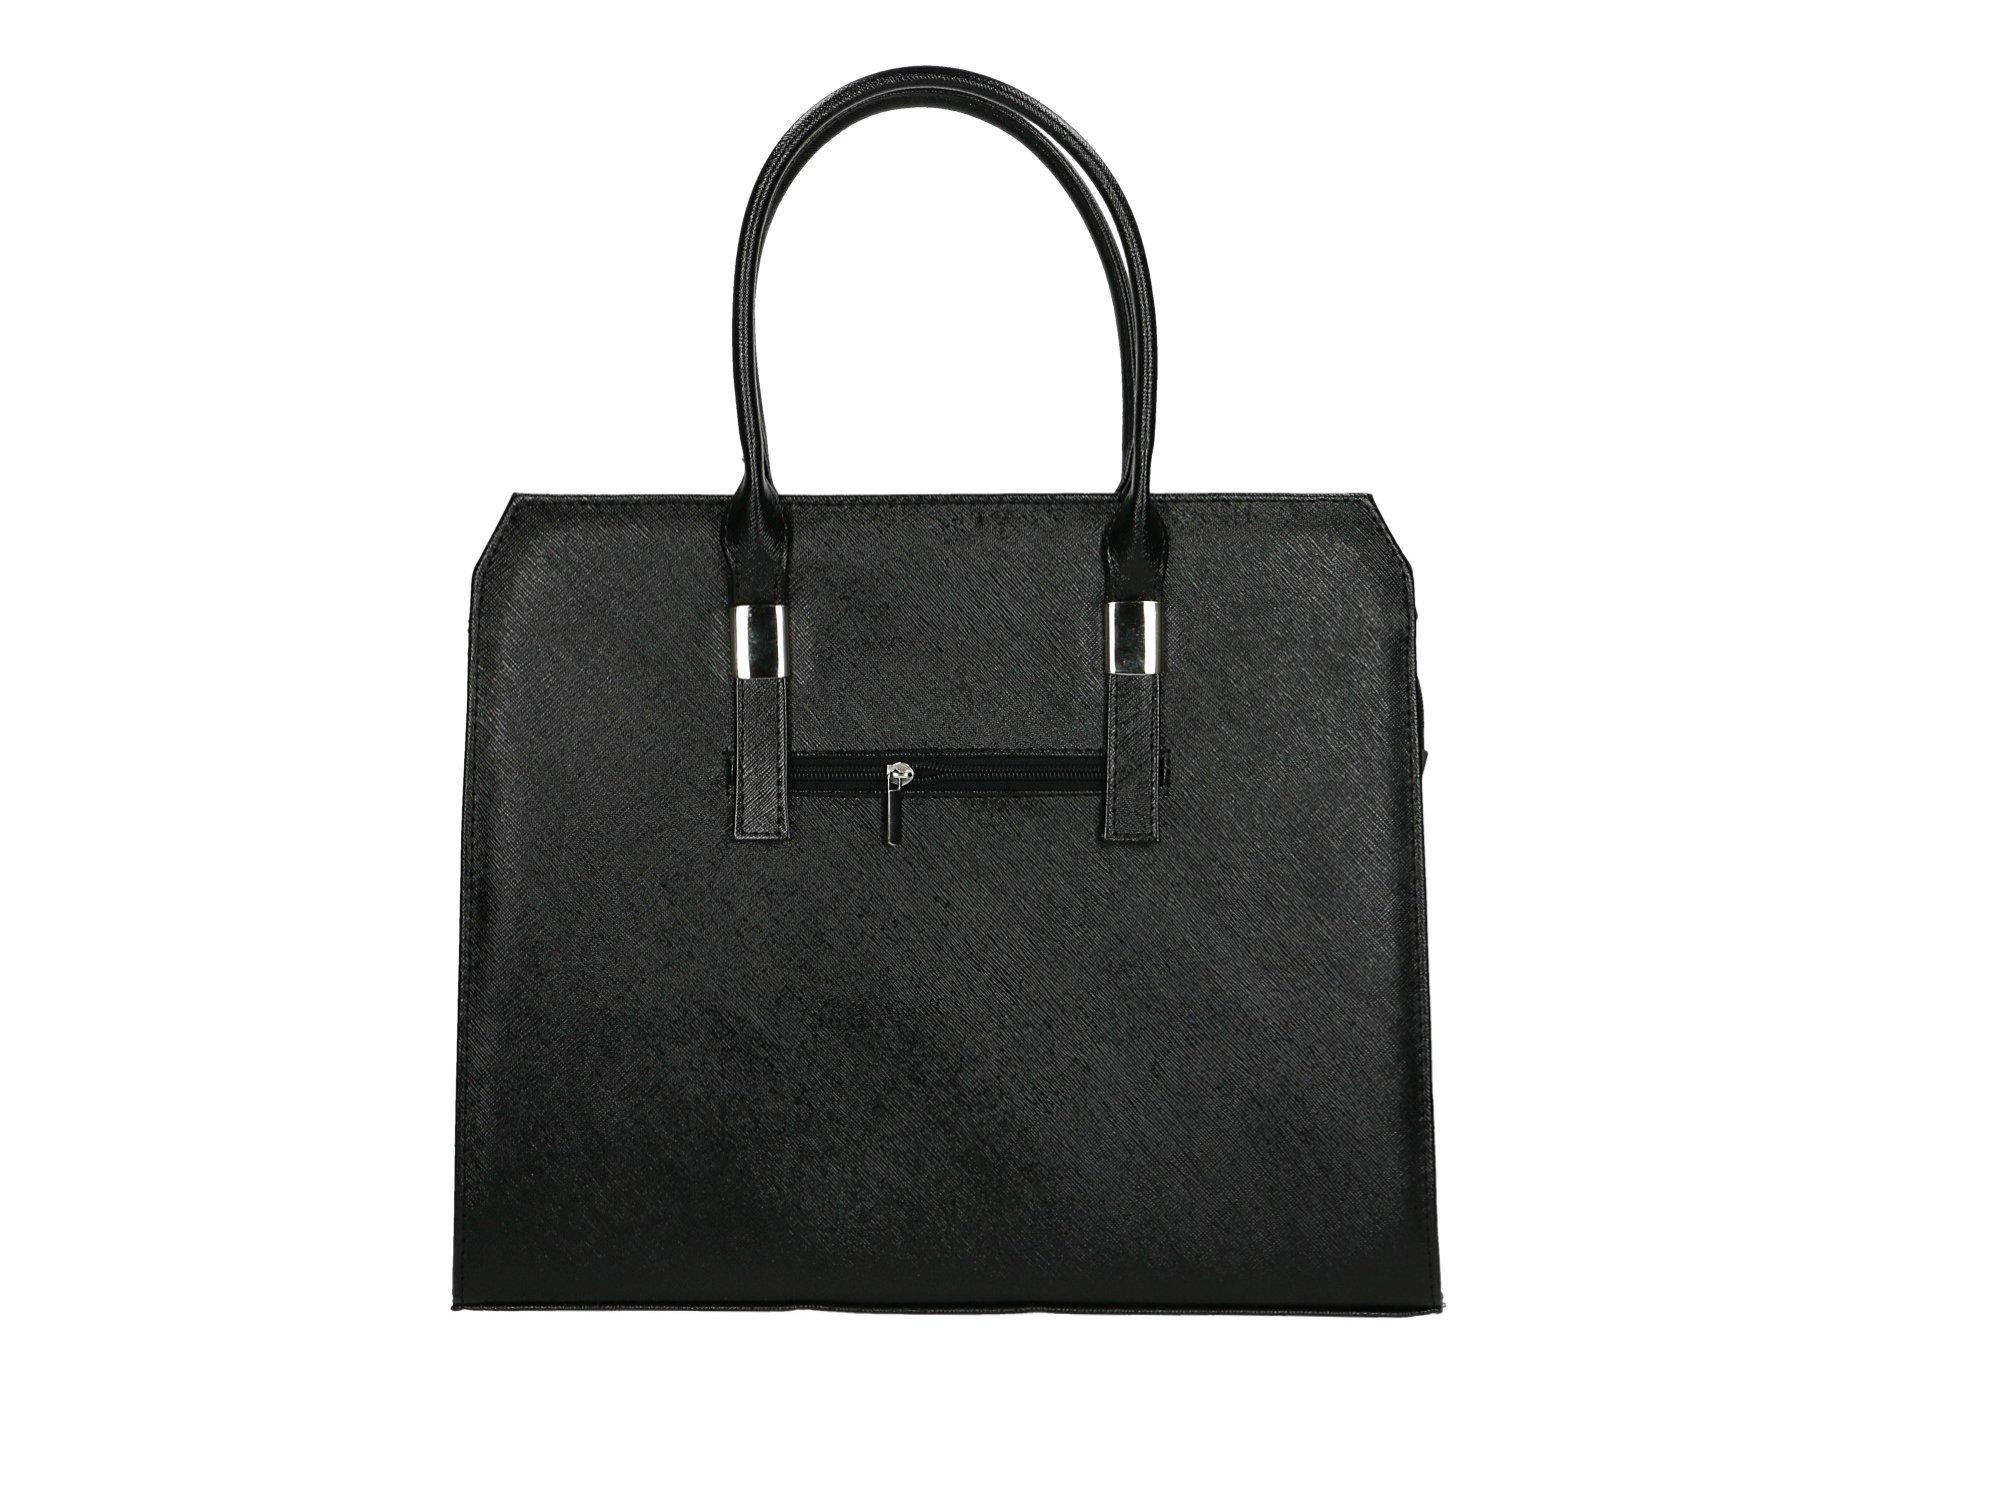 4bd23f5435155 Damska torebka miejska XL, teczka aktówka Safiano, cena - sklep | MB ...